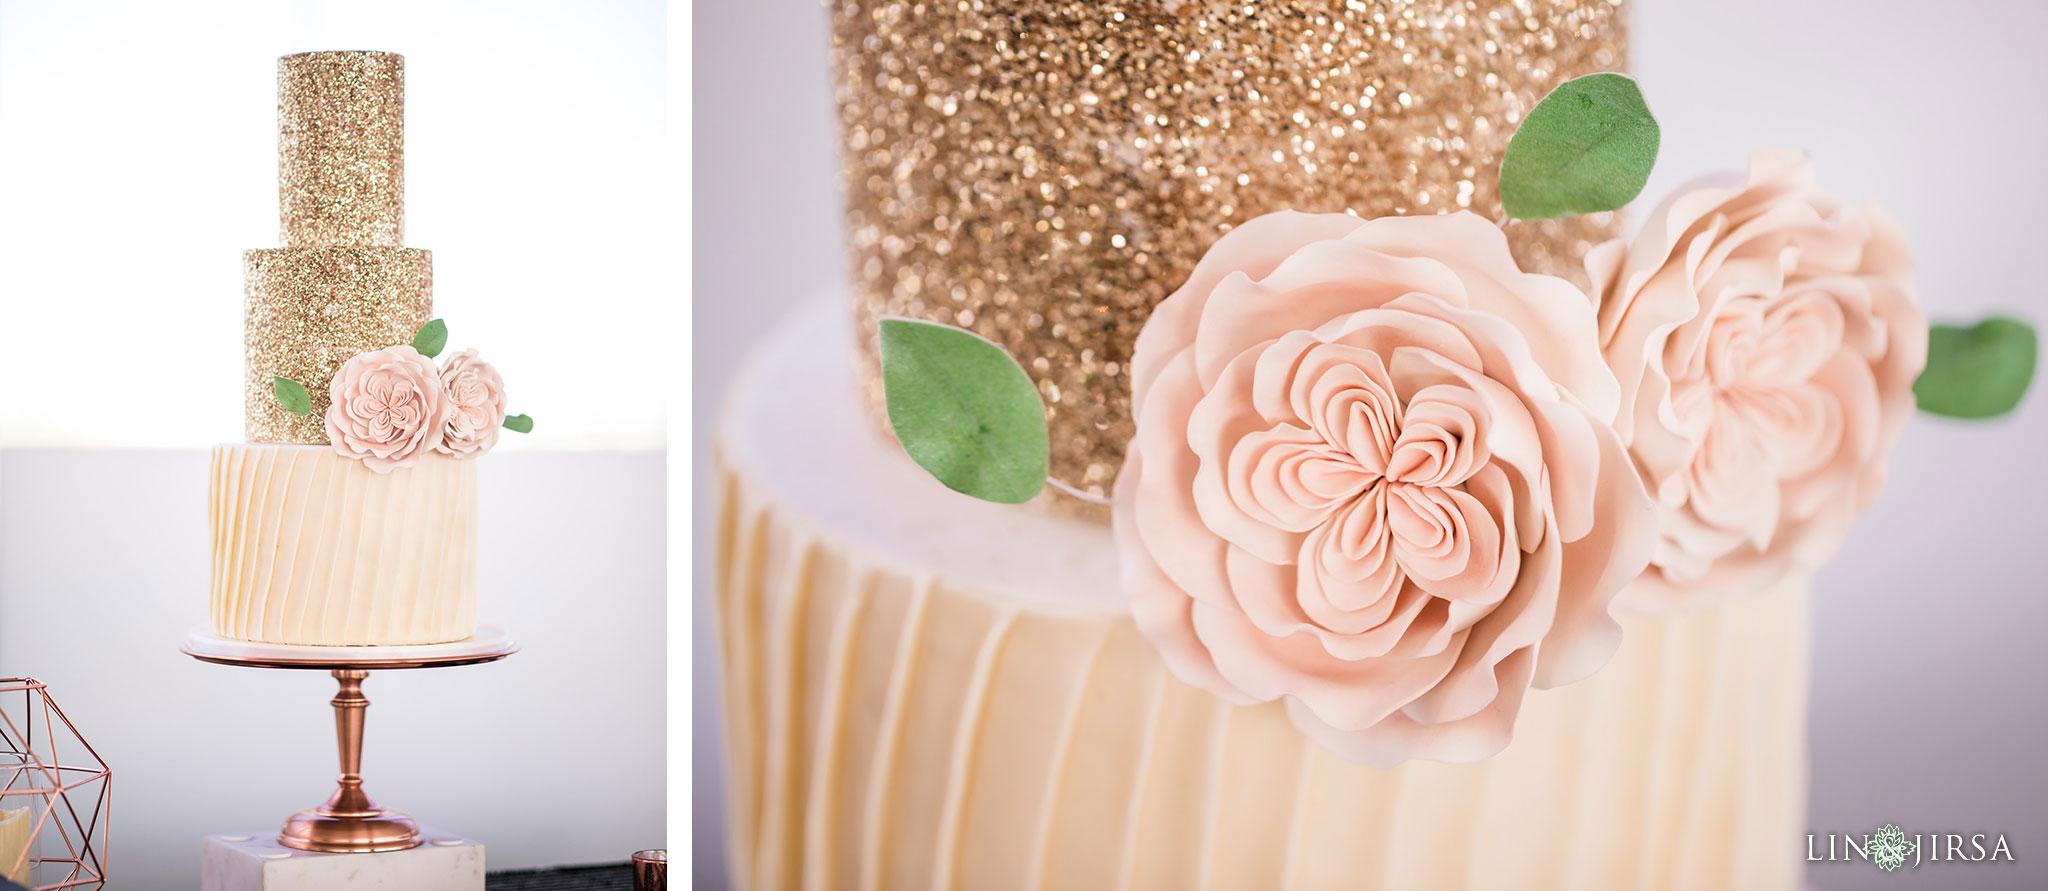 22 Kimpton La Peer Hotel West Hollywood Stylized Wedding Photography